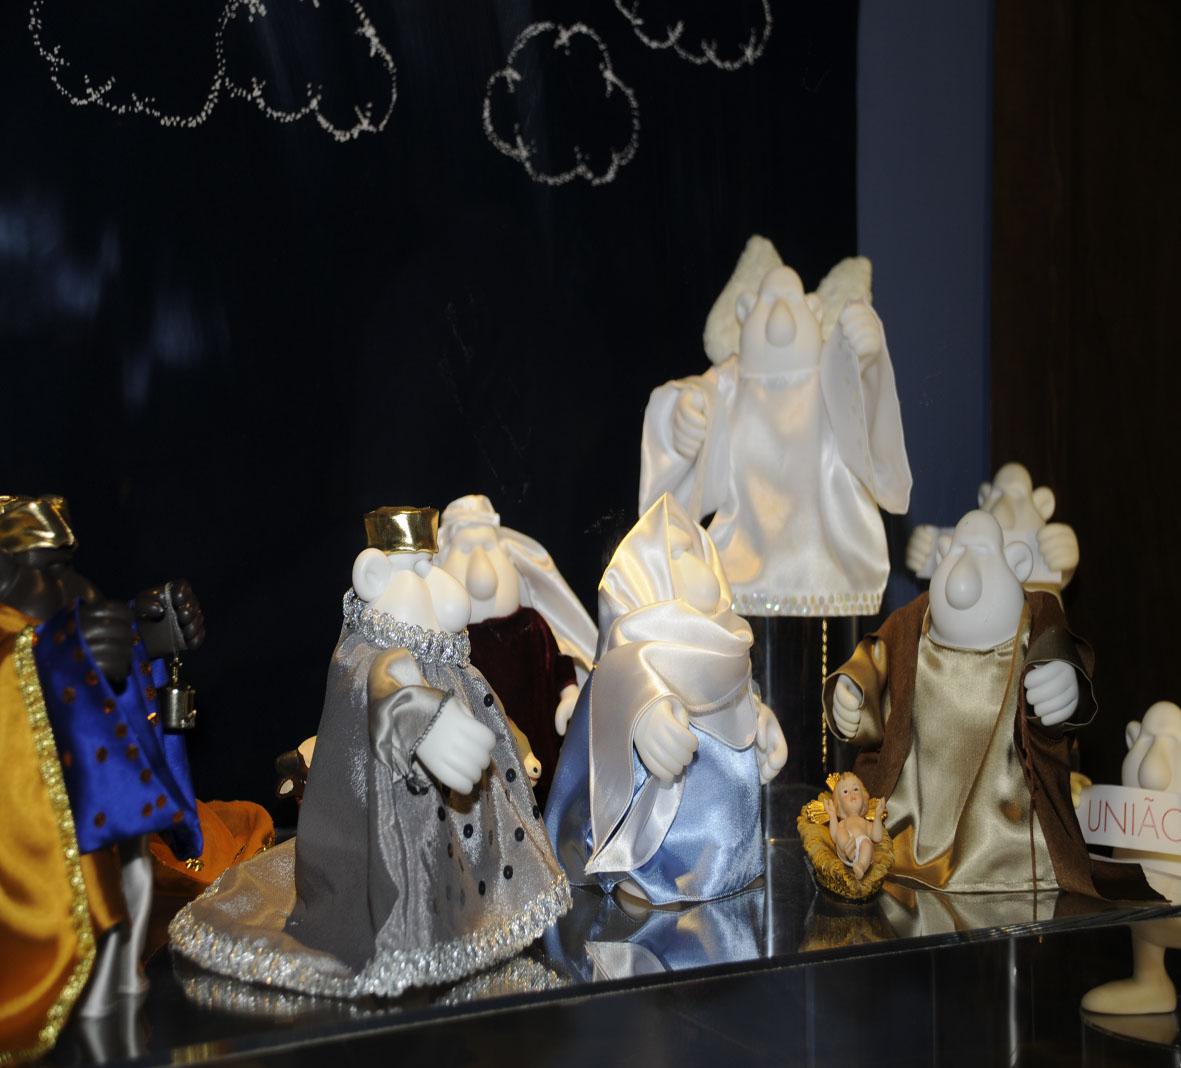 presepios-museu-de-arte-sacra-sp-2016-familia-quinteiro-2016